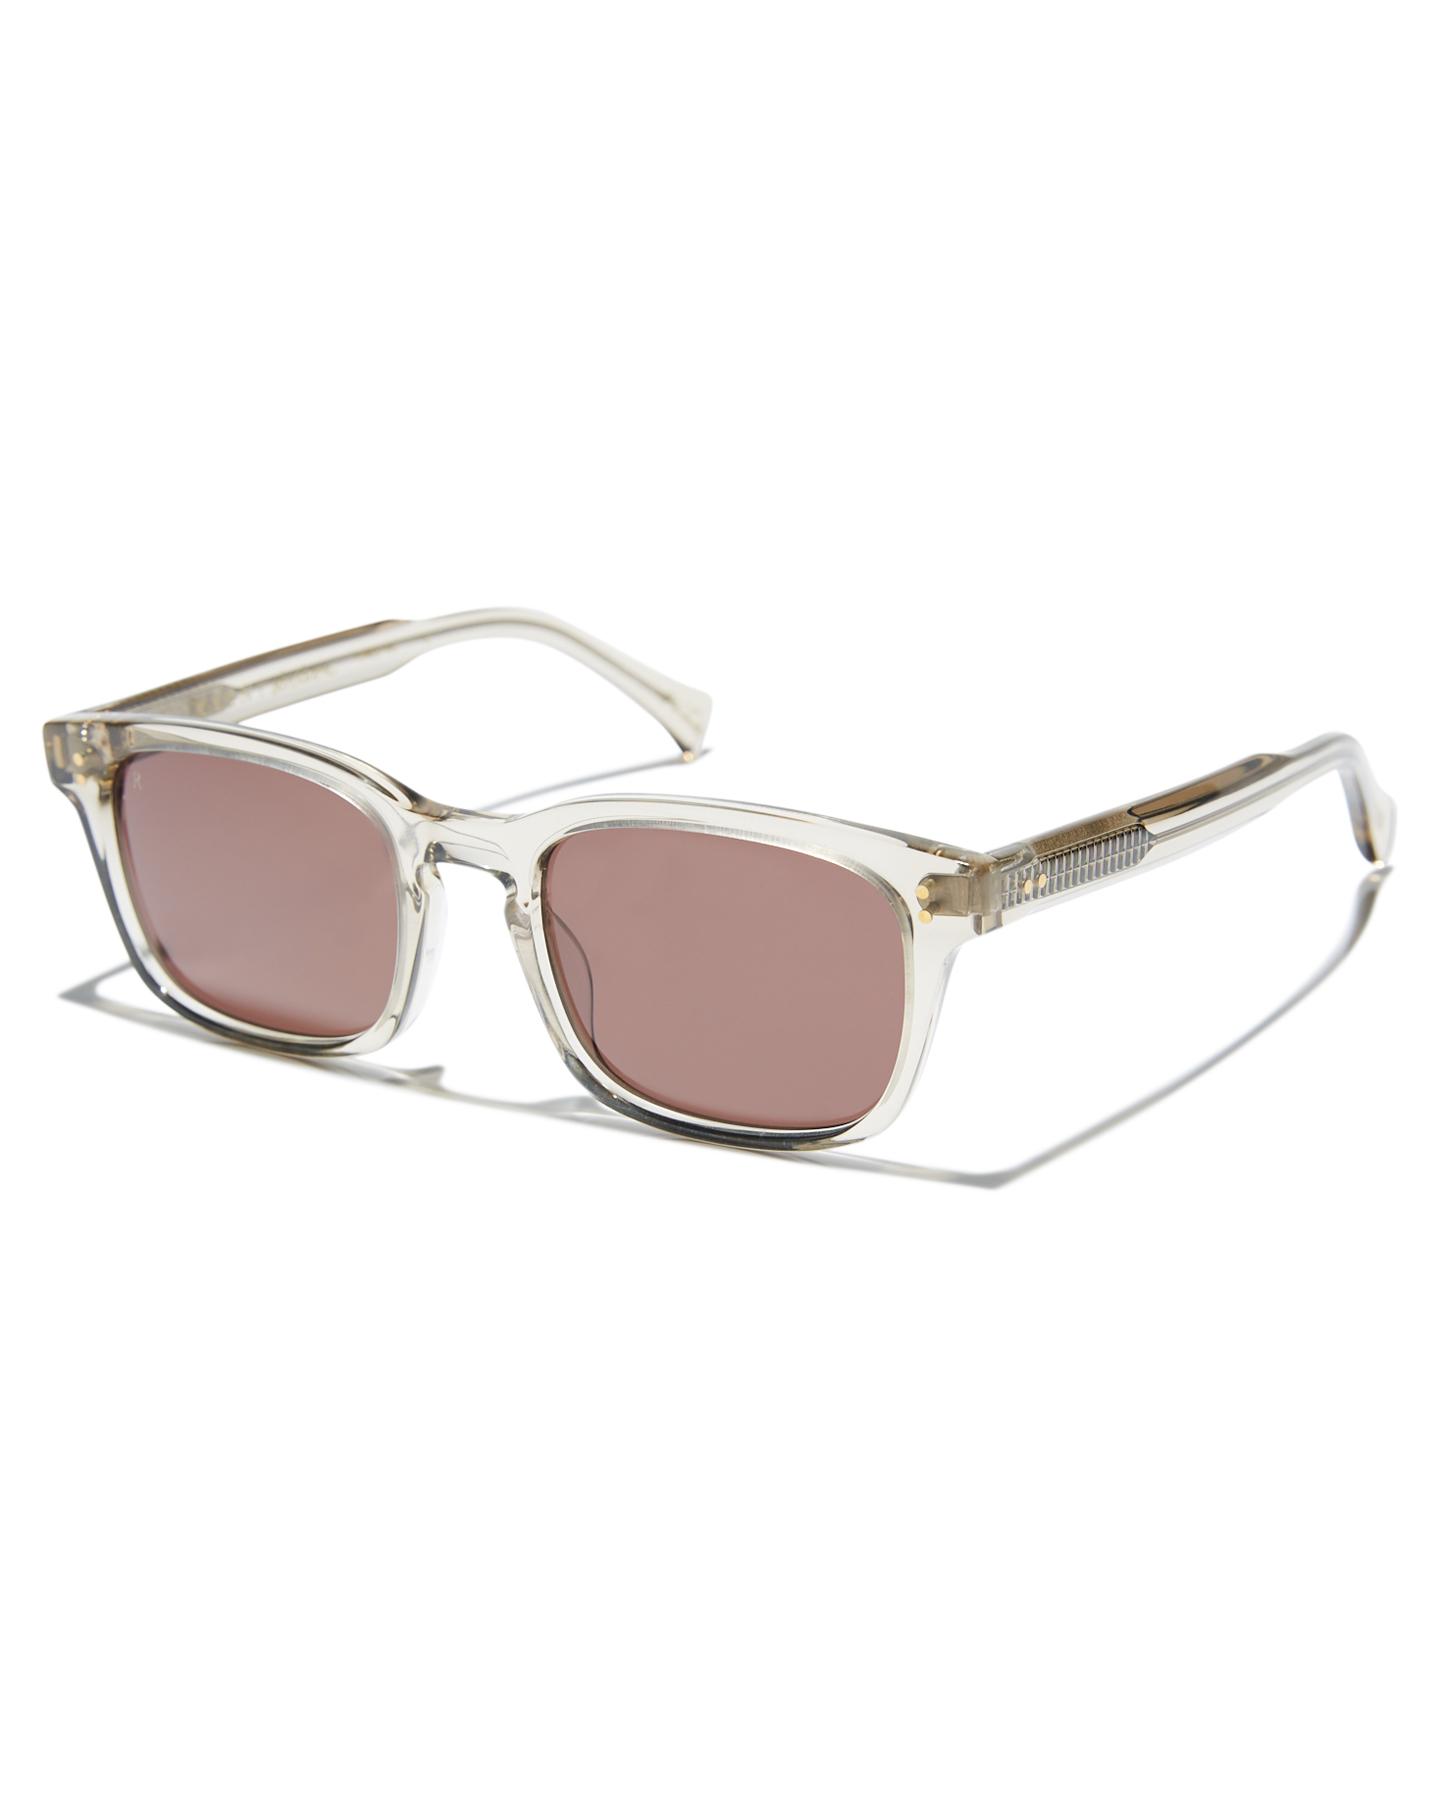 Raen Dodson Sunglasses Haze Plum Brown